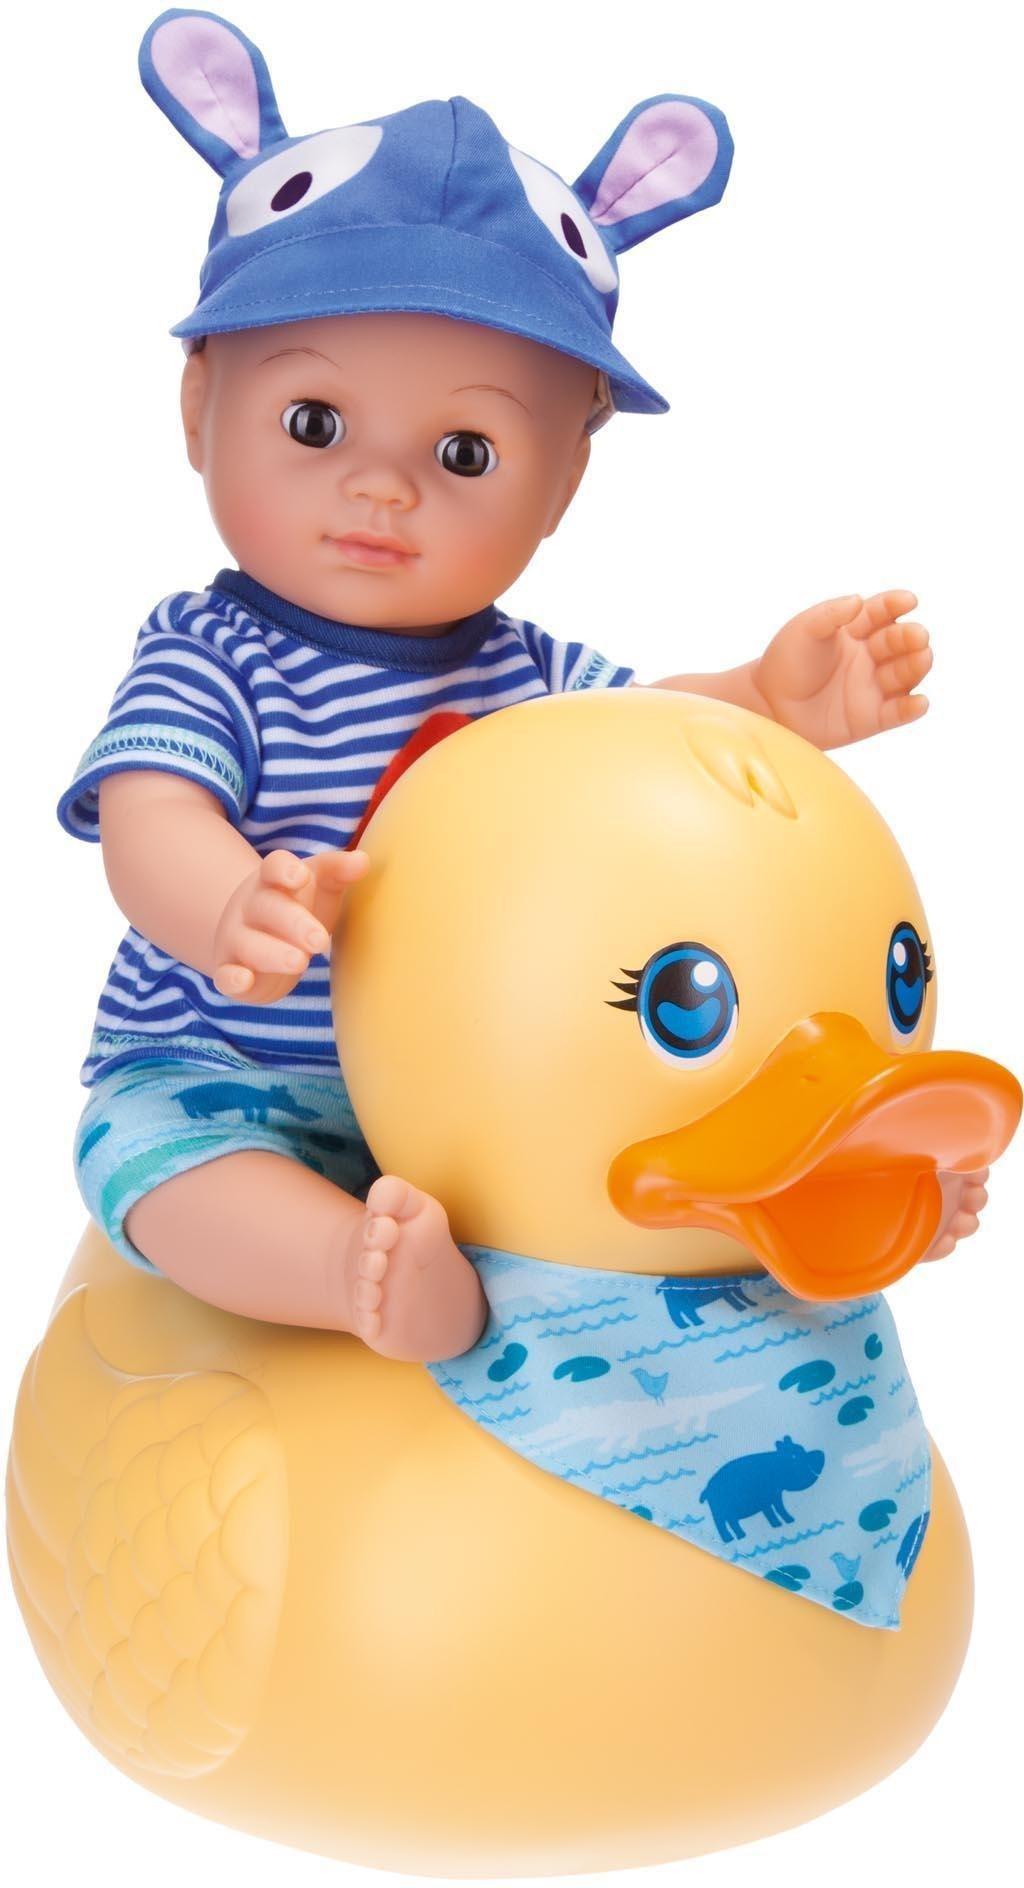 Schildkröt Badepuppe mit Schwimmente, »Kids Badepuppe Boy mit Schwimmente«